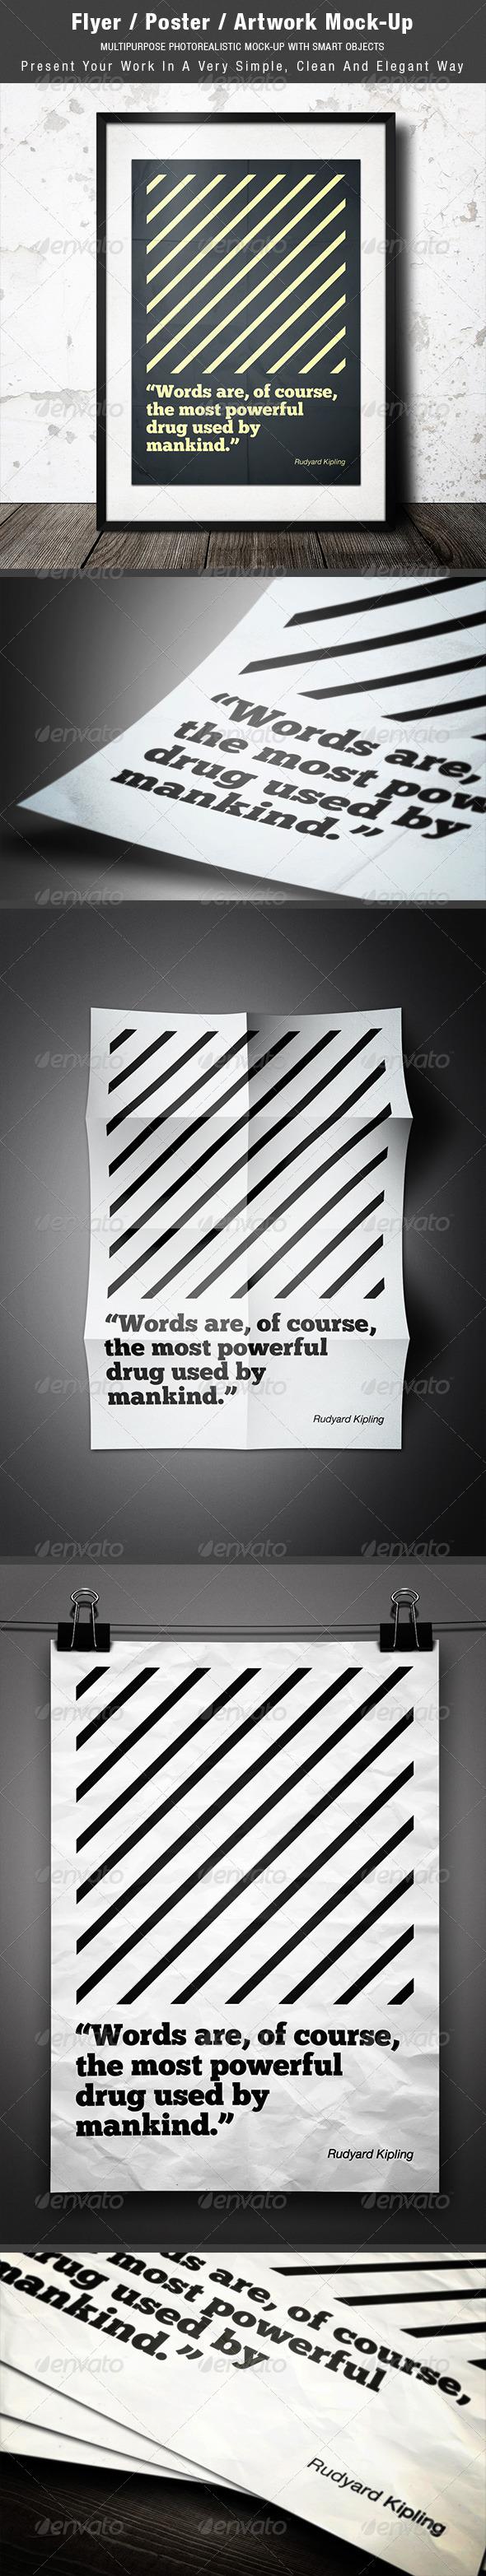 GraphicRiver Flyer Poster Artwork Mock-up 2907597